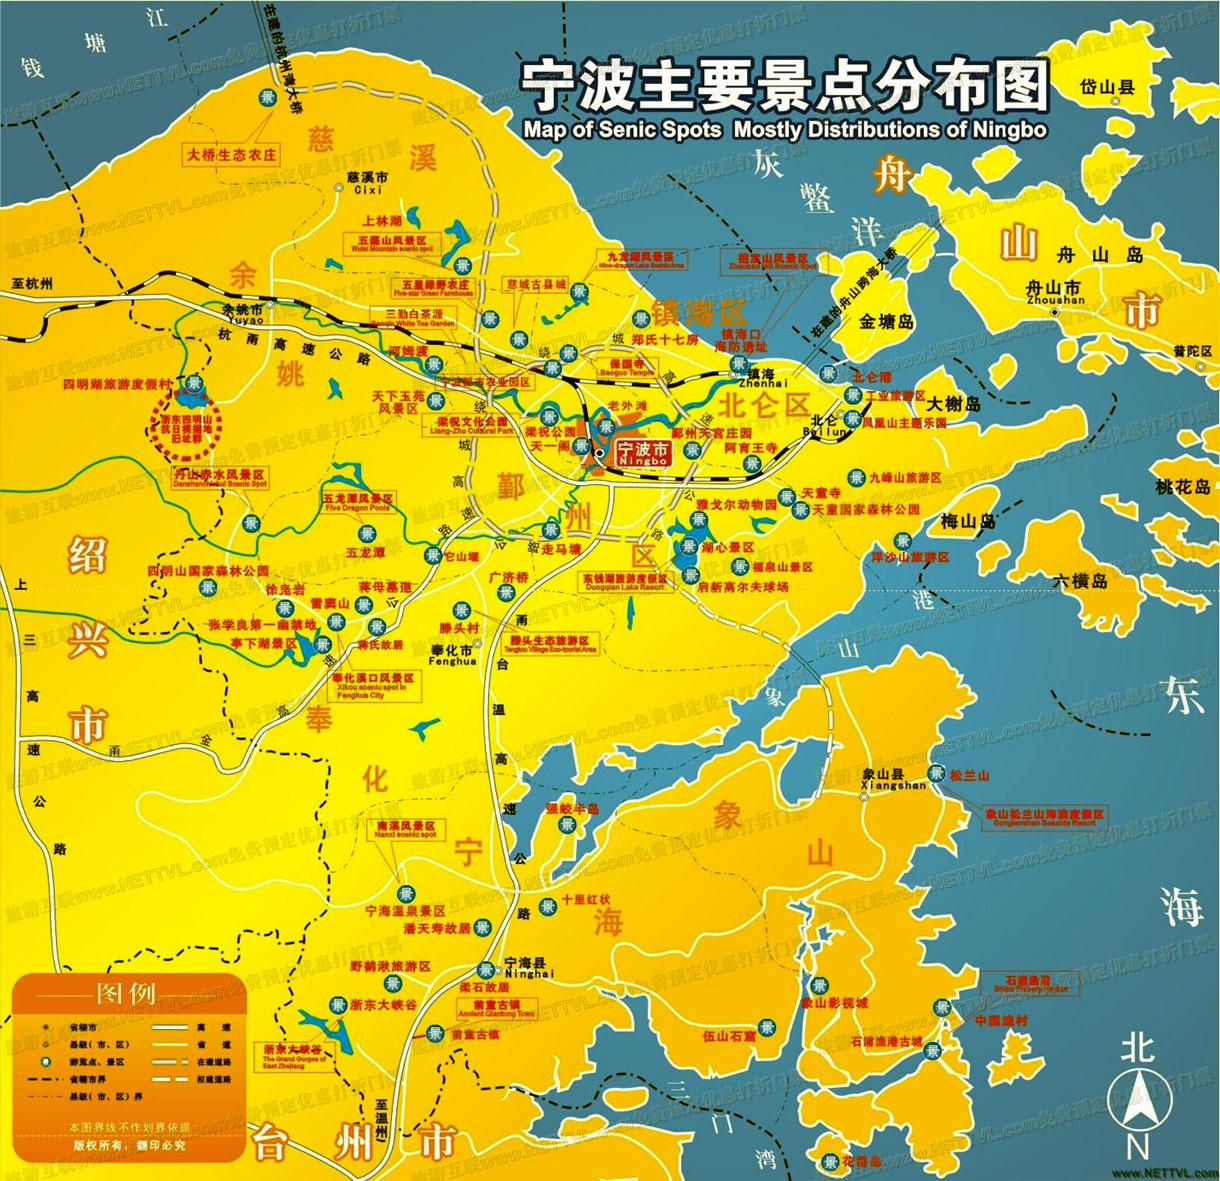 宁波旅游景点分布图_宁波游玩景点地图【旅游互联】